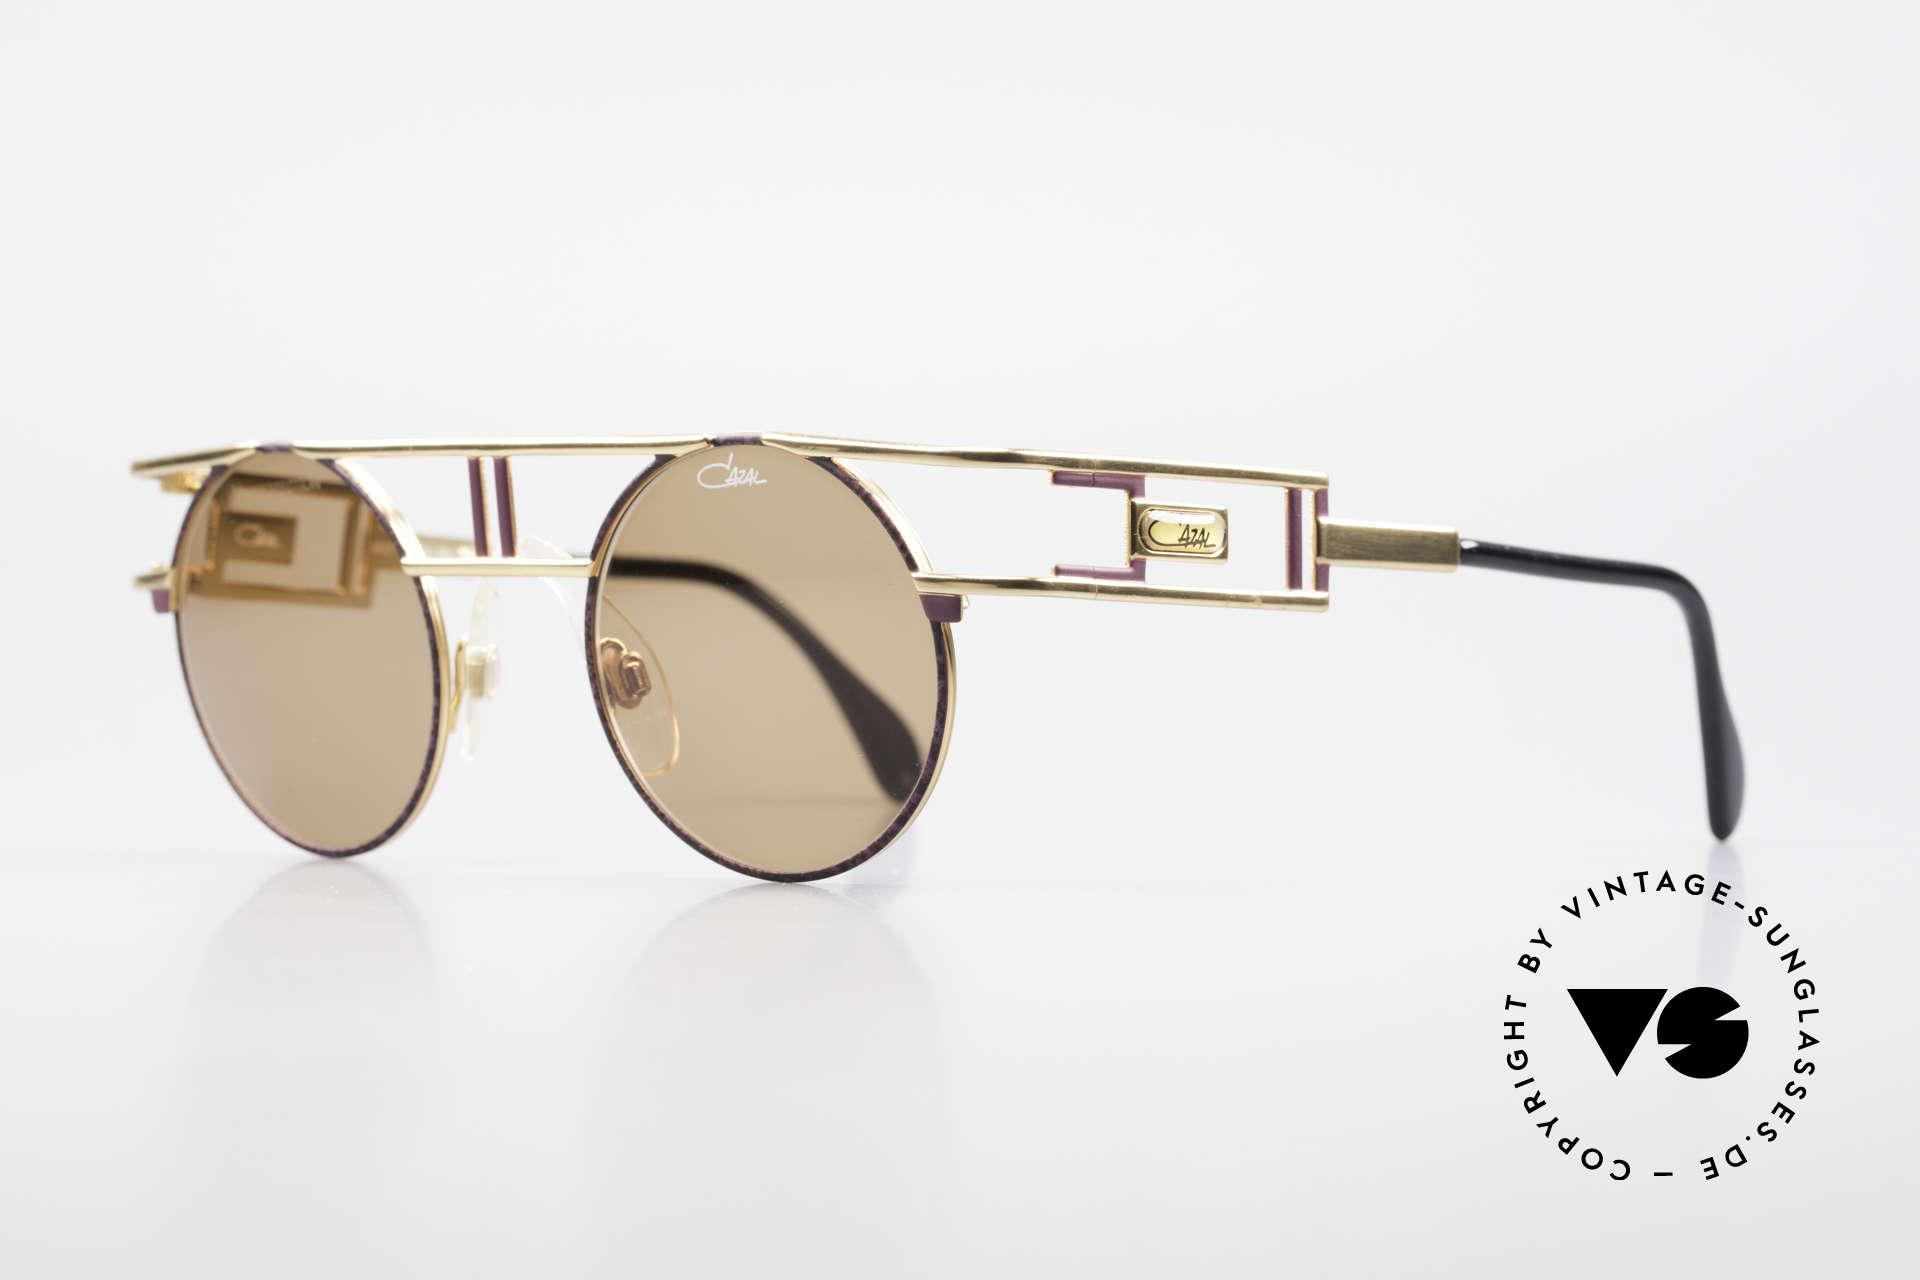 Cazal 958 90er Vanilla Ice Sonnenbrille, ebenso getragen von Beyoncé im Jahre 2012/2013, Passend für Herren und Damen